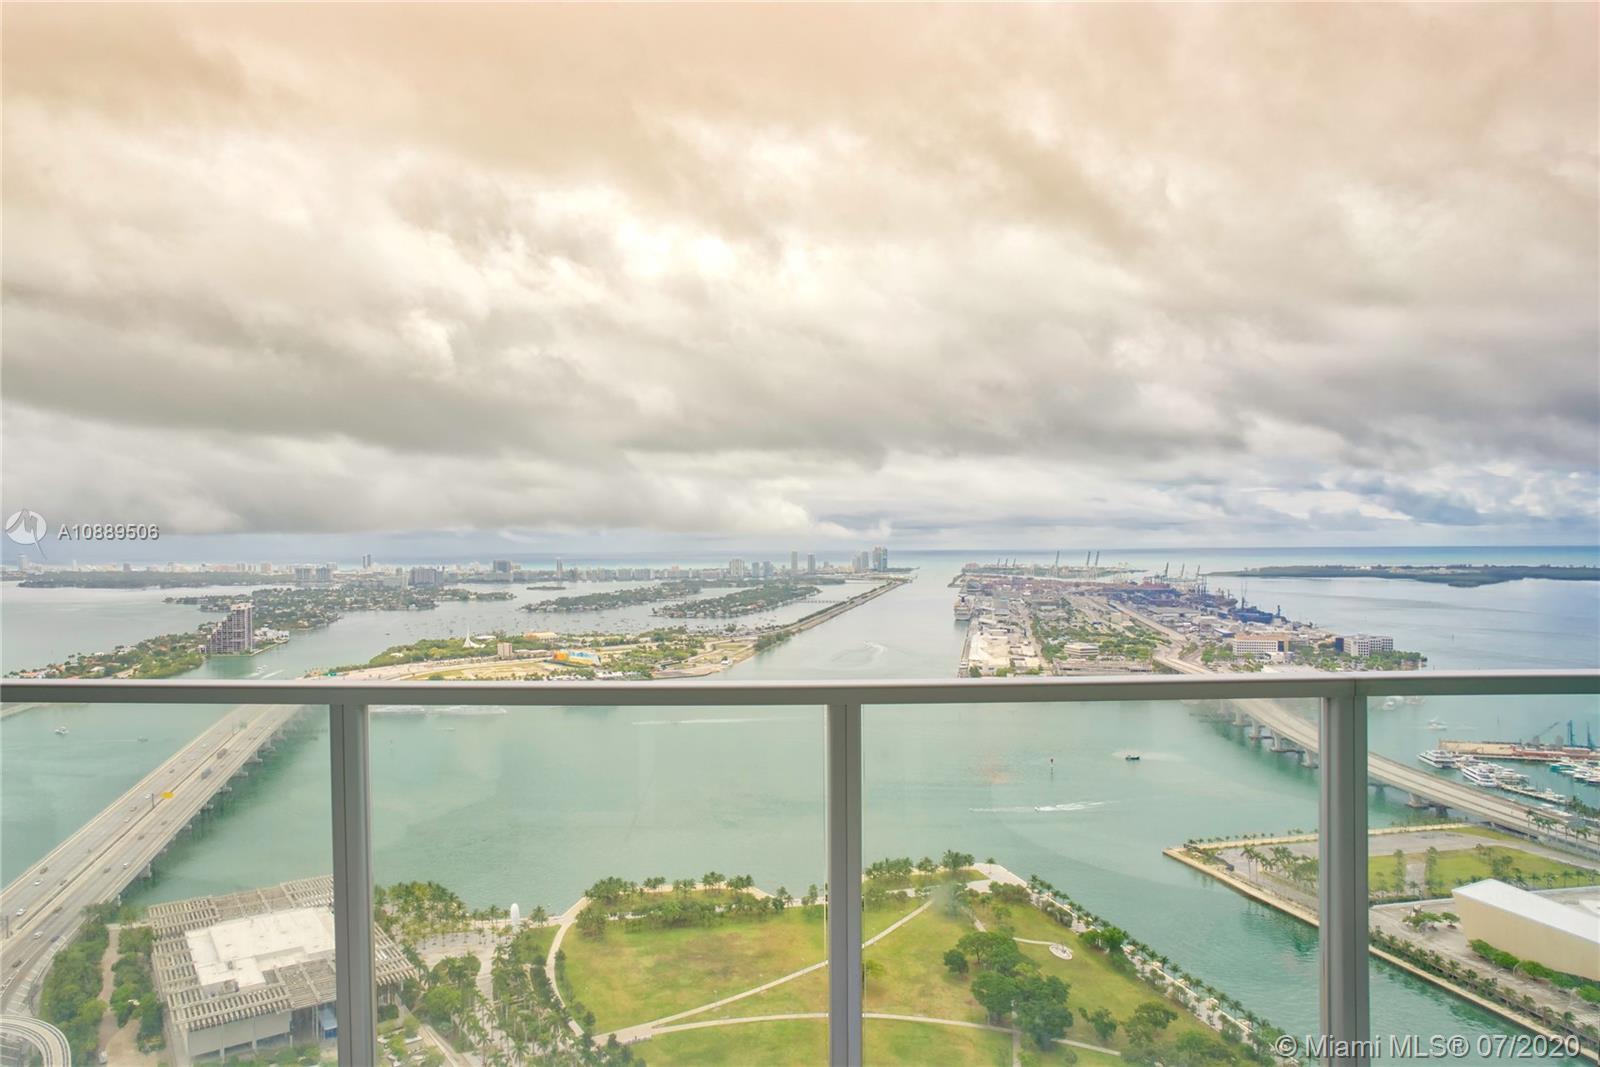 Marquis #5504 - 1100 Biscayne Blvd #5504, Miami, FL 33132